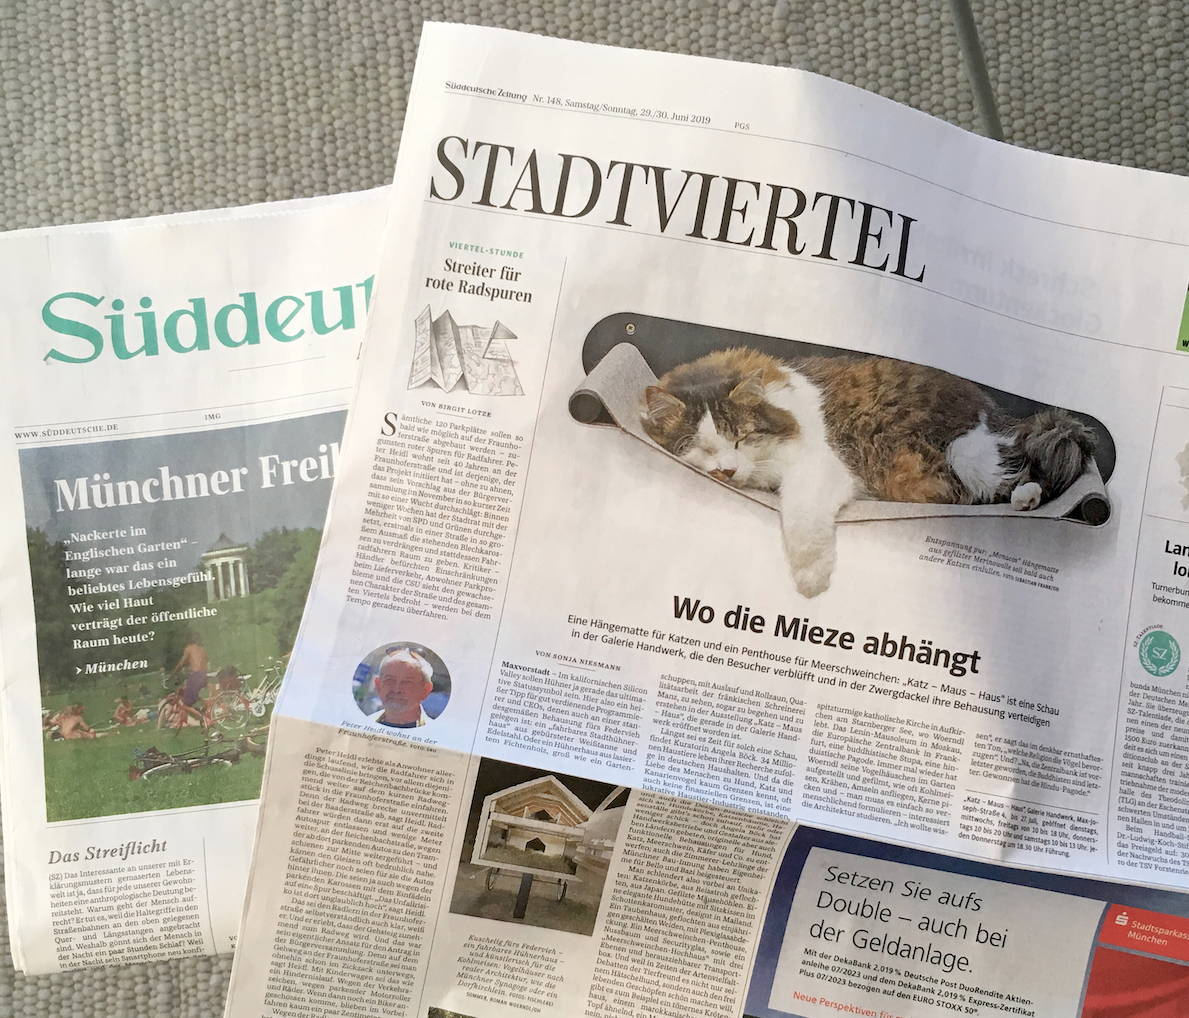 Artikel in Süddeutsche Zeitung über LucyBalu